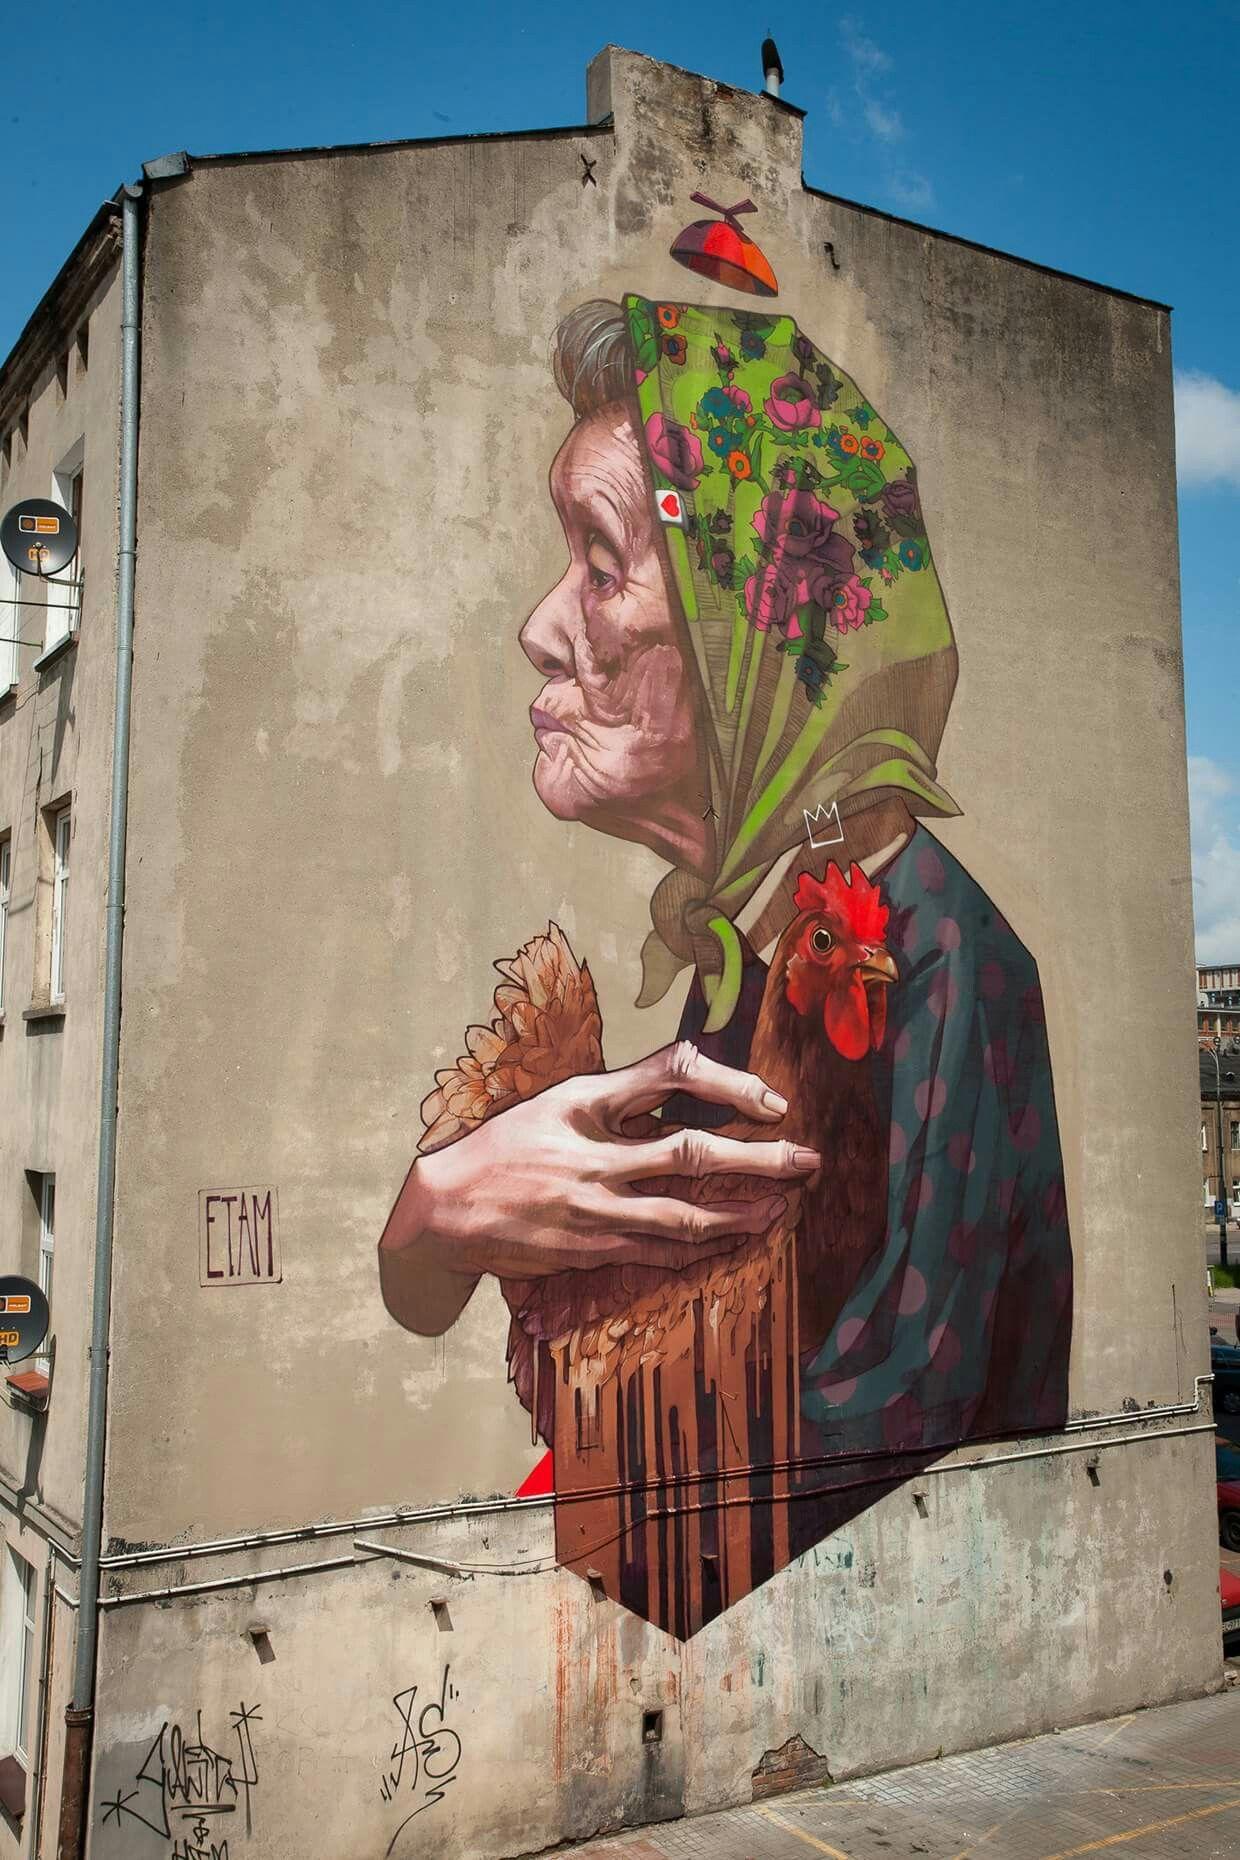 Estos impresionantes murales, pintados por el artista urbano SAINER, te dejarán asombrado por la forma y los detalles que pueden tener estas obras, dibujadas en los muros de enormes edificios.  instagram.com/sainer_etam